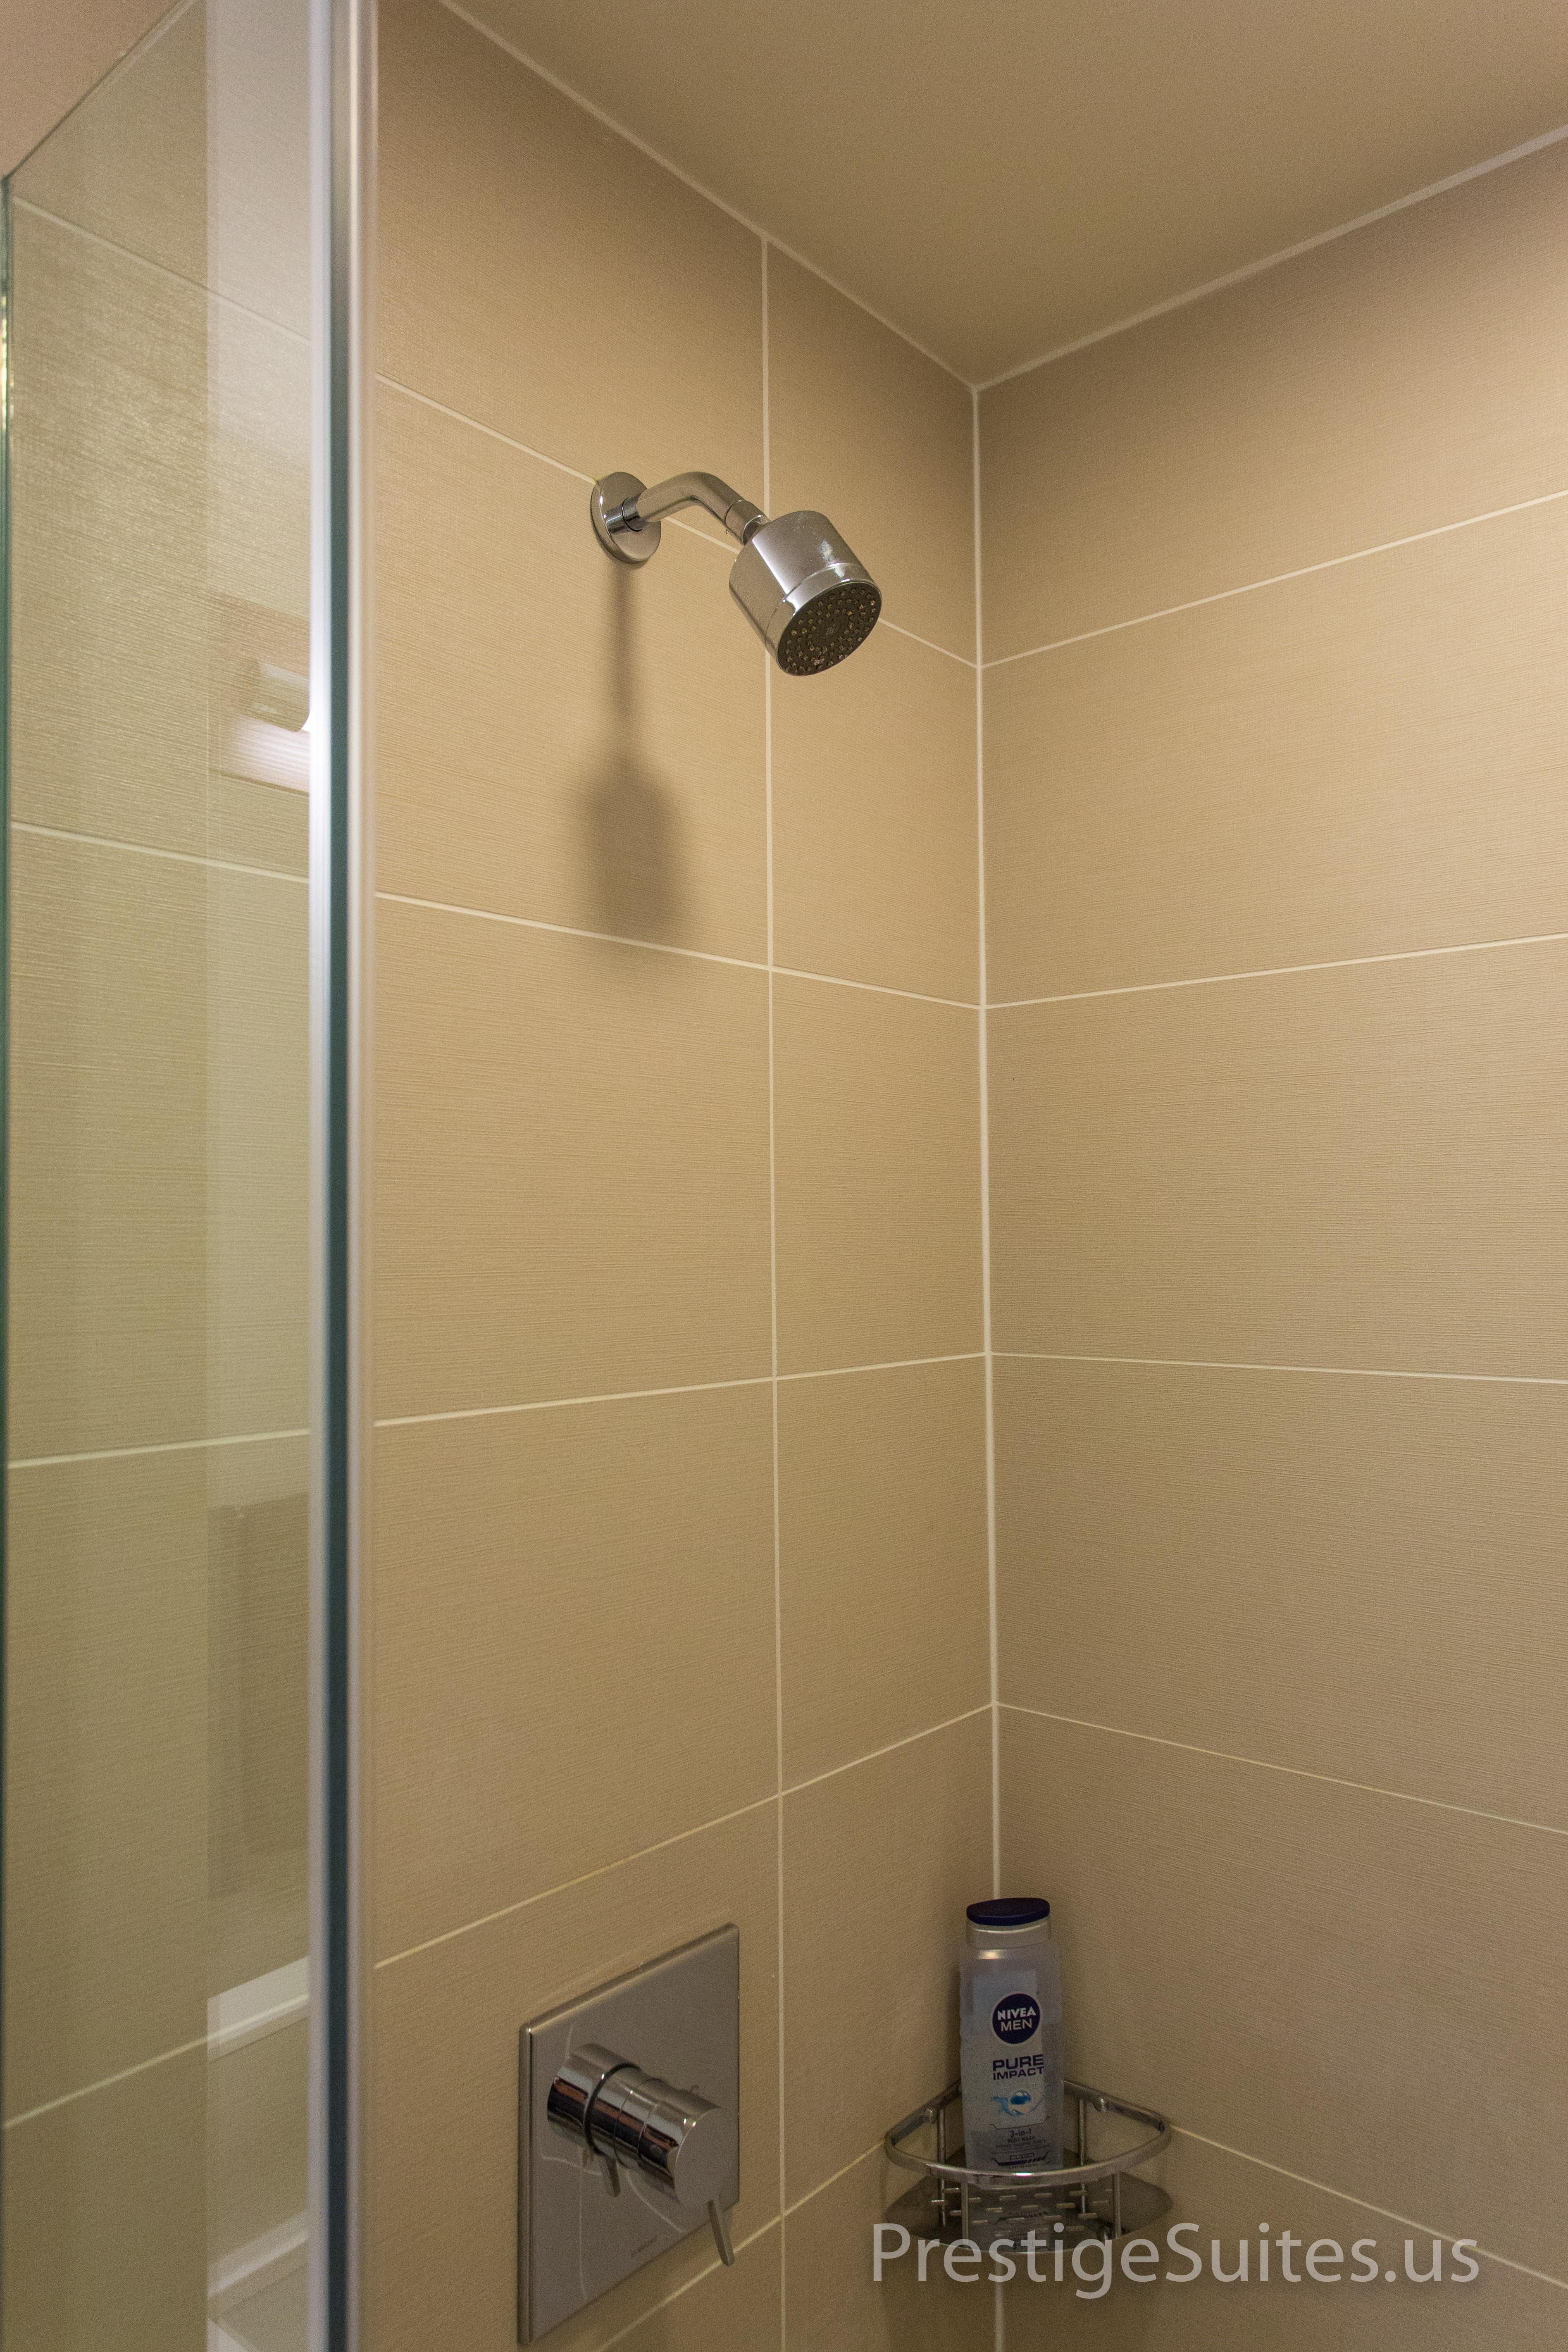 Prestige Suites 111 W Wacker 3904_019